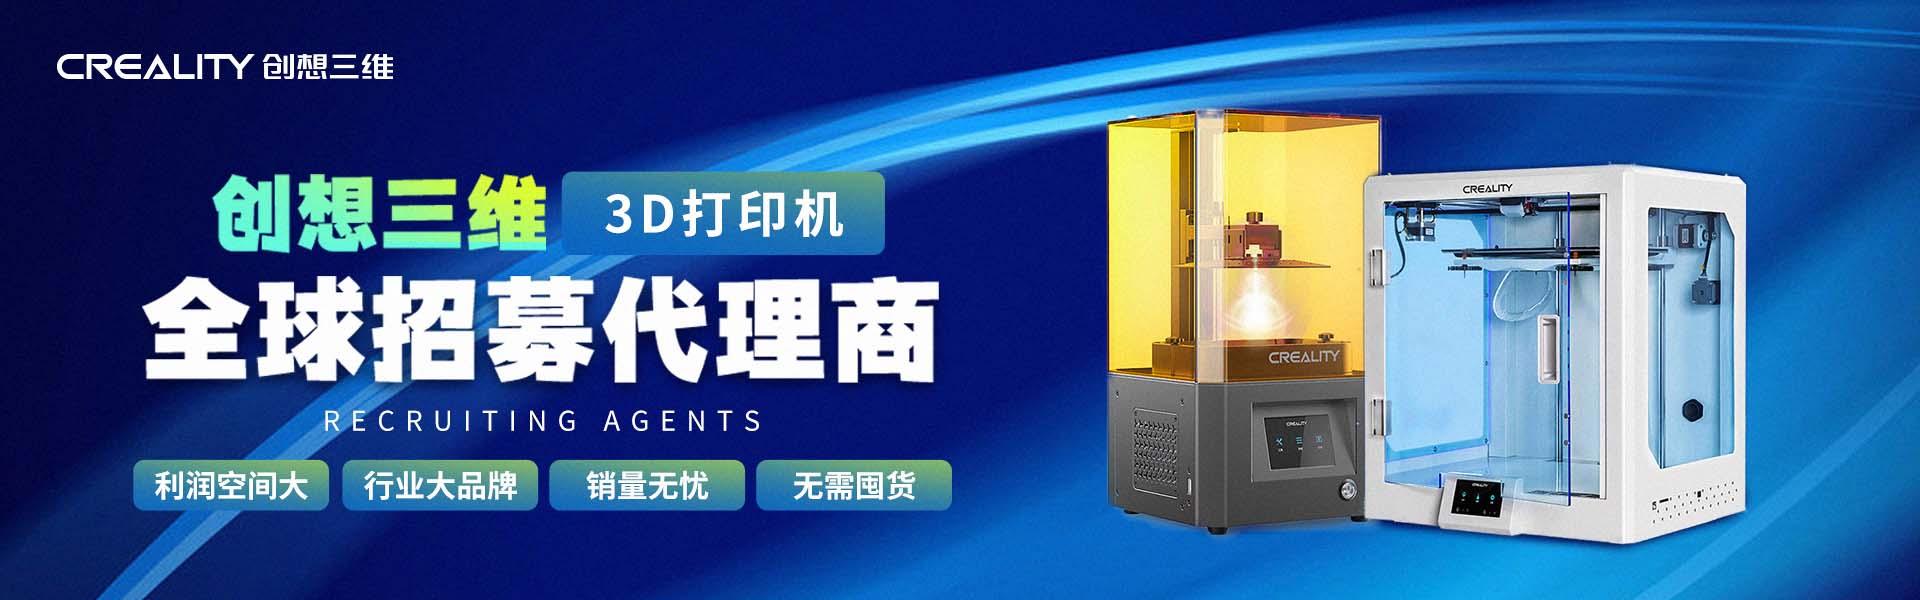 创想三维3D打印机,全球招募代理商